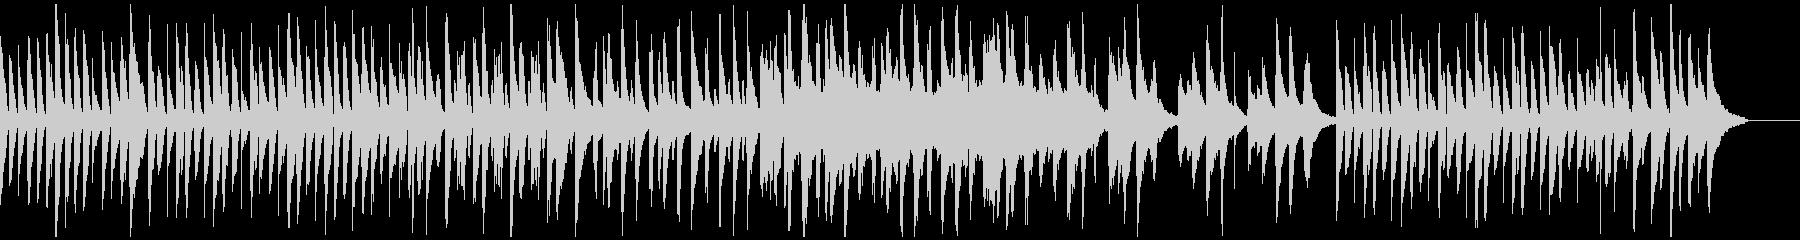 ピアノでのノビノビした曲の未再生の波形